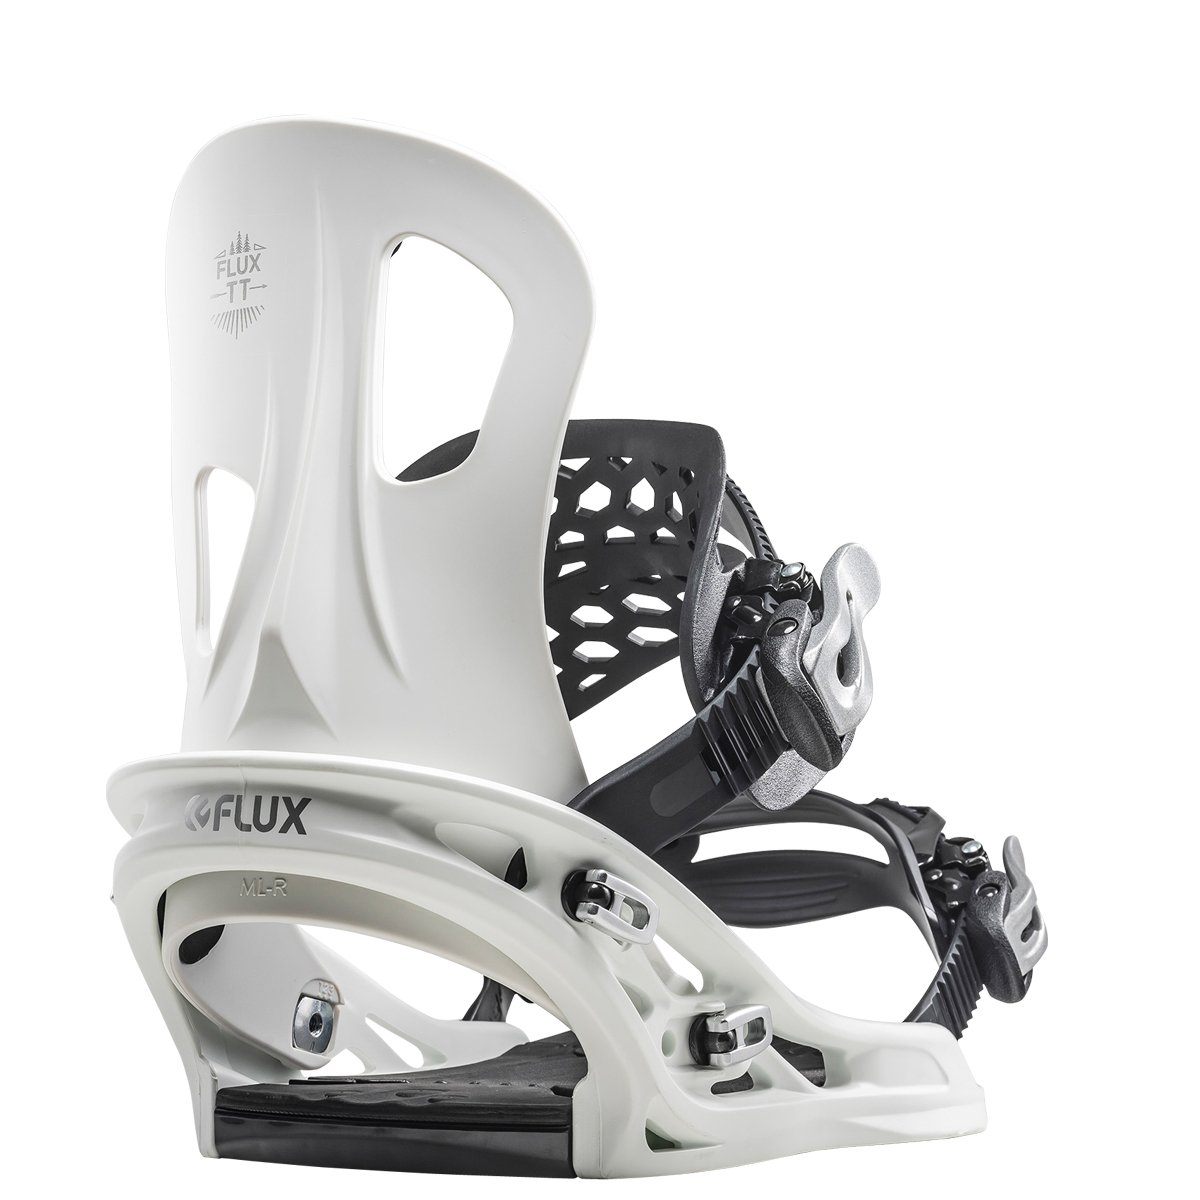 Flux TT Snowboard Bindings 2020